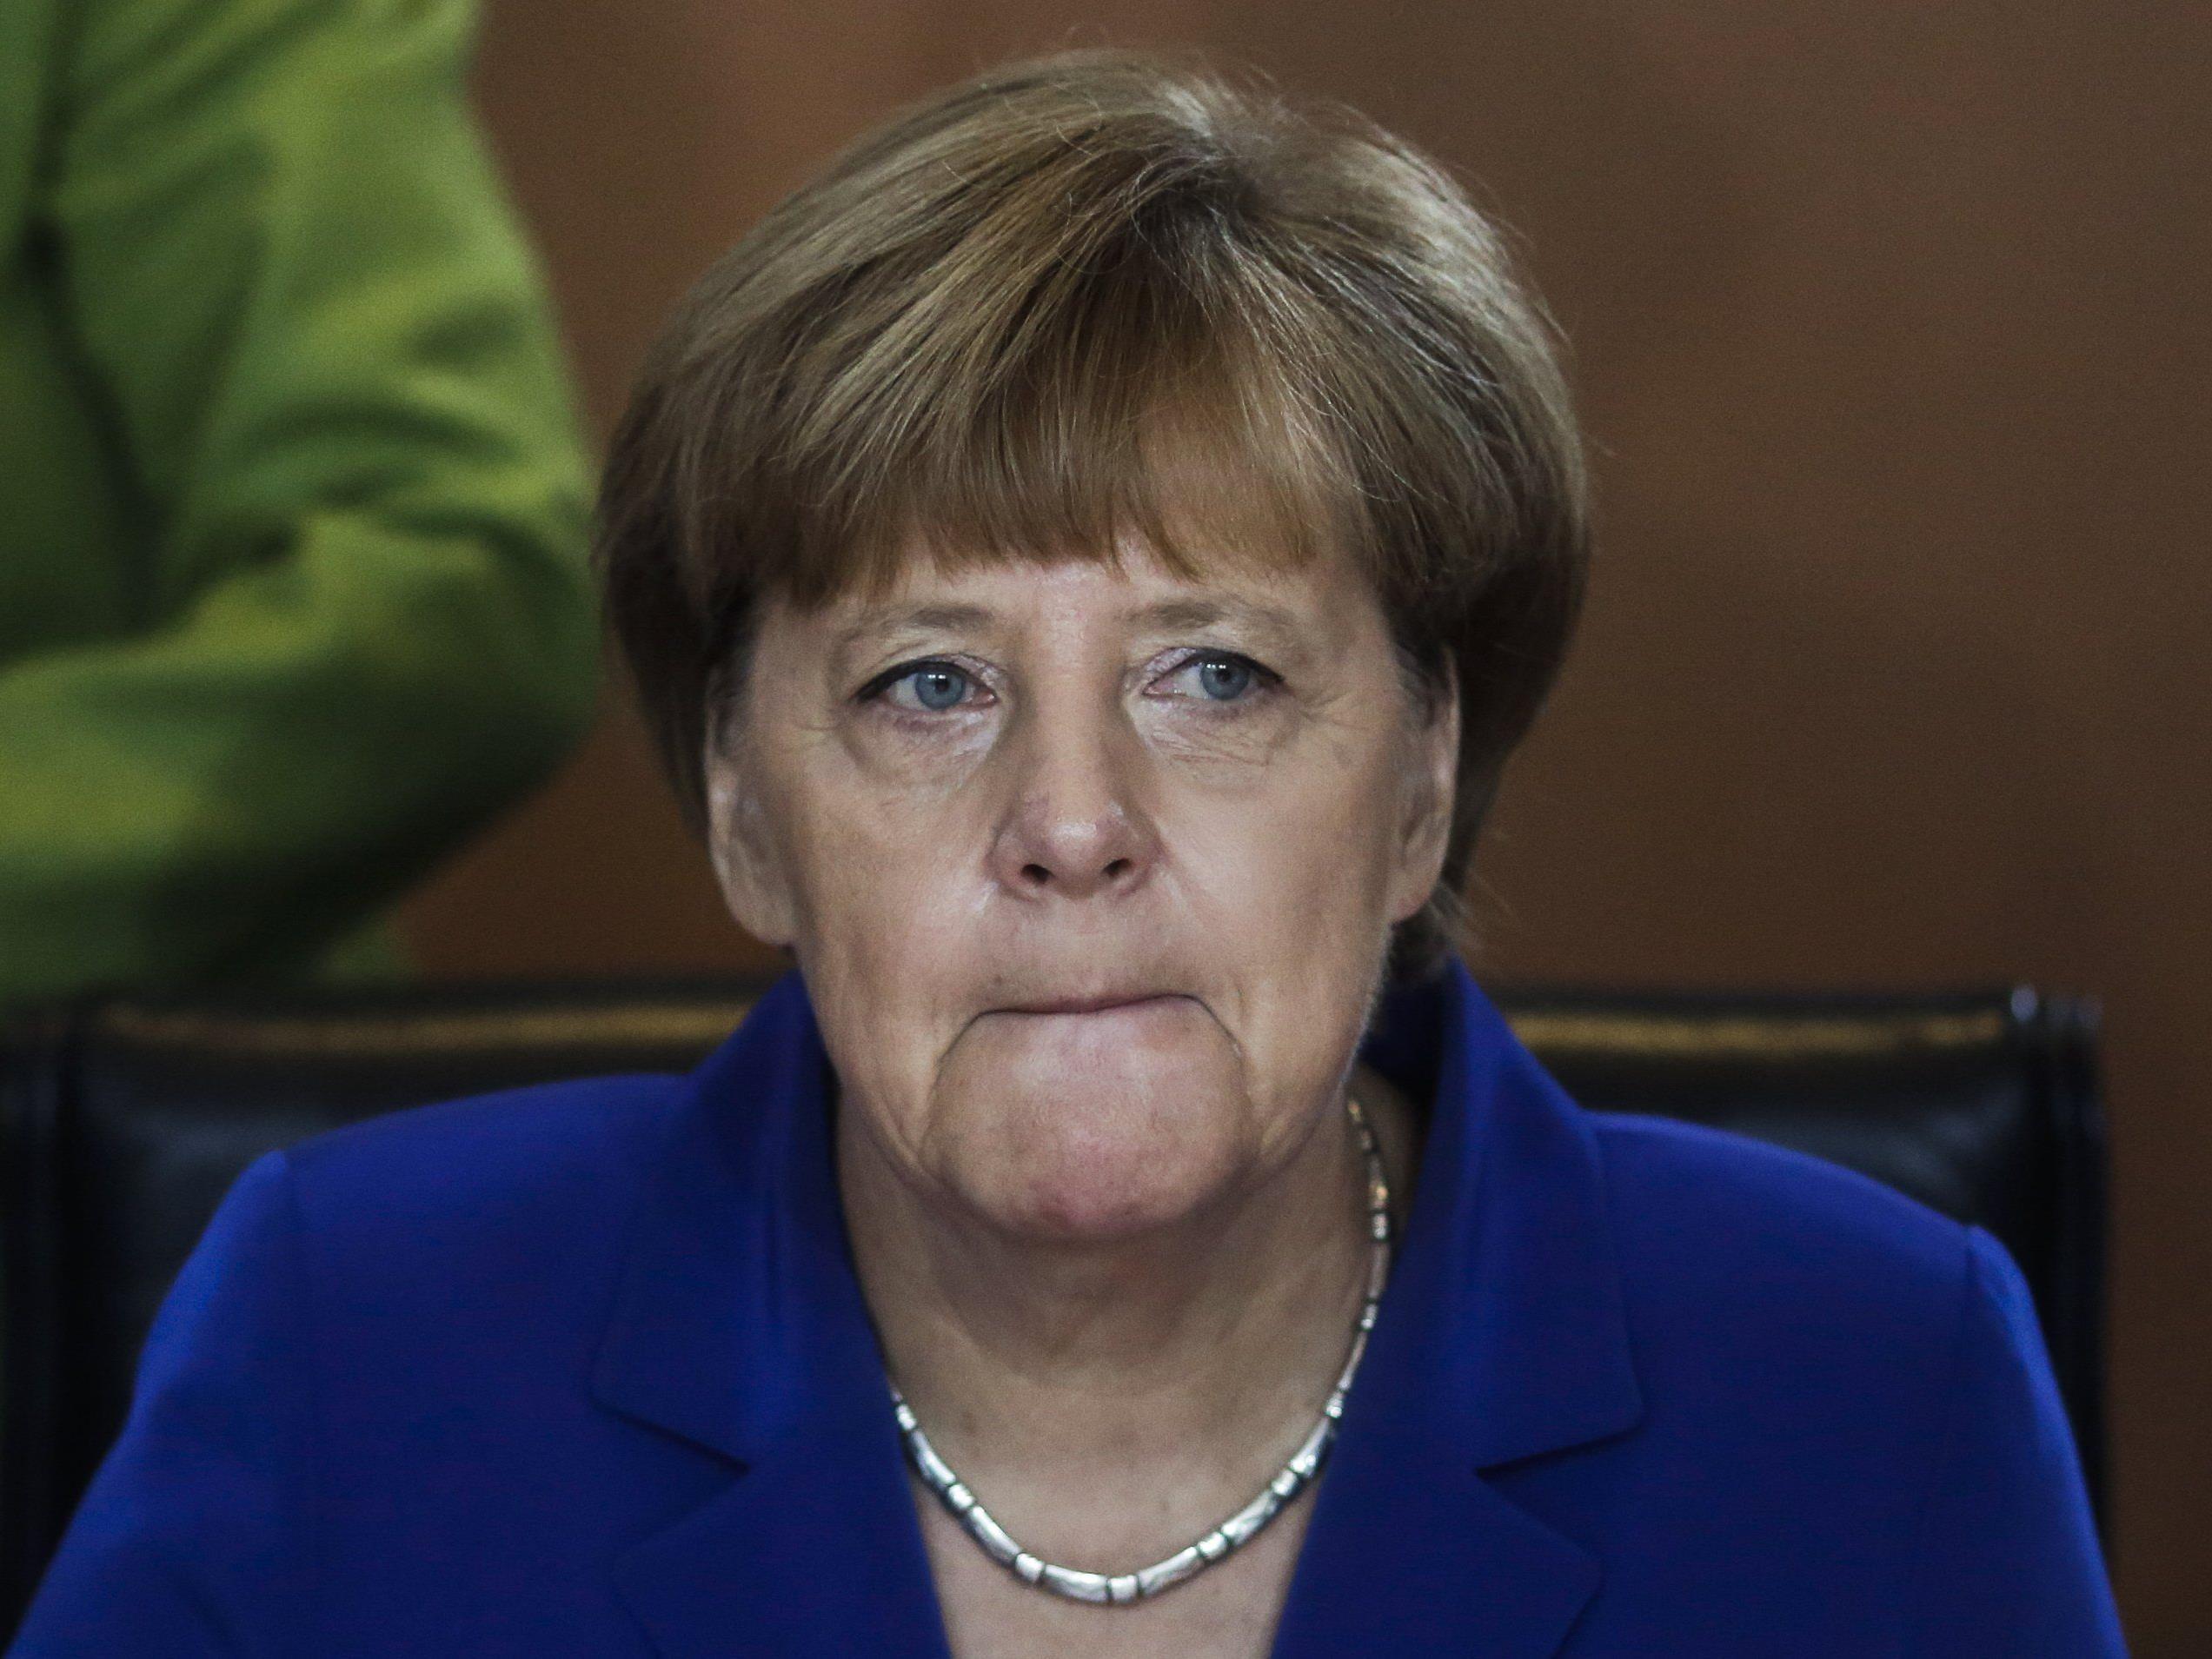 Merkel sieht sich mit innerparteilicher Kritik konfrontiert.